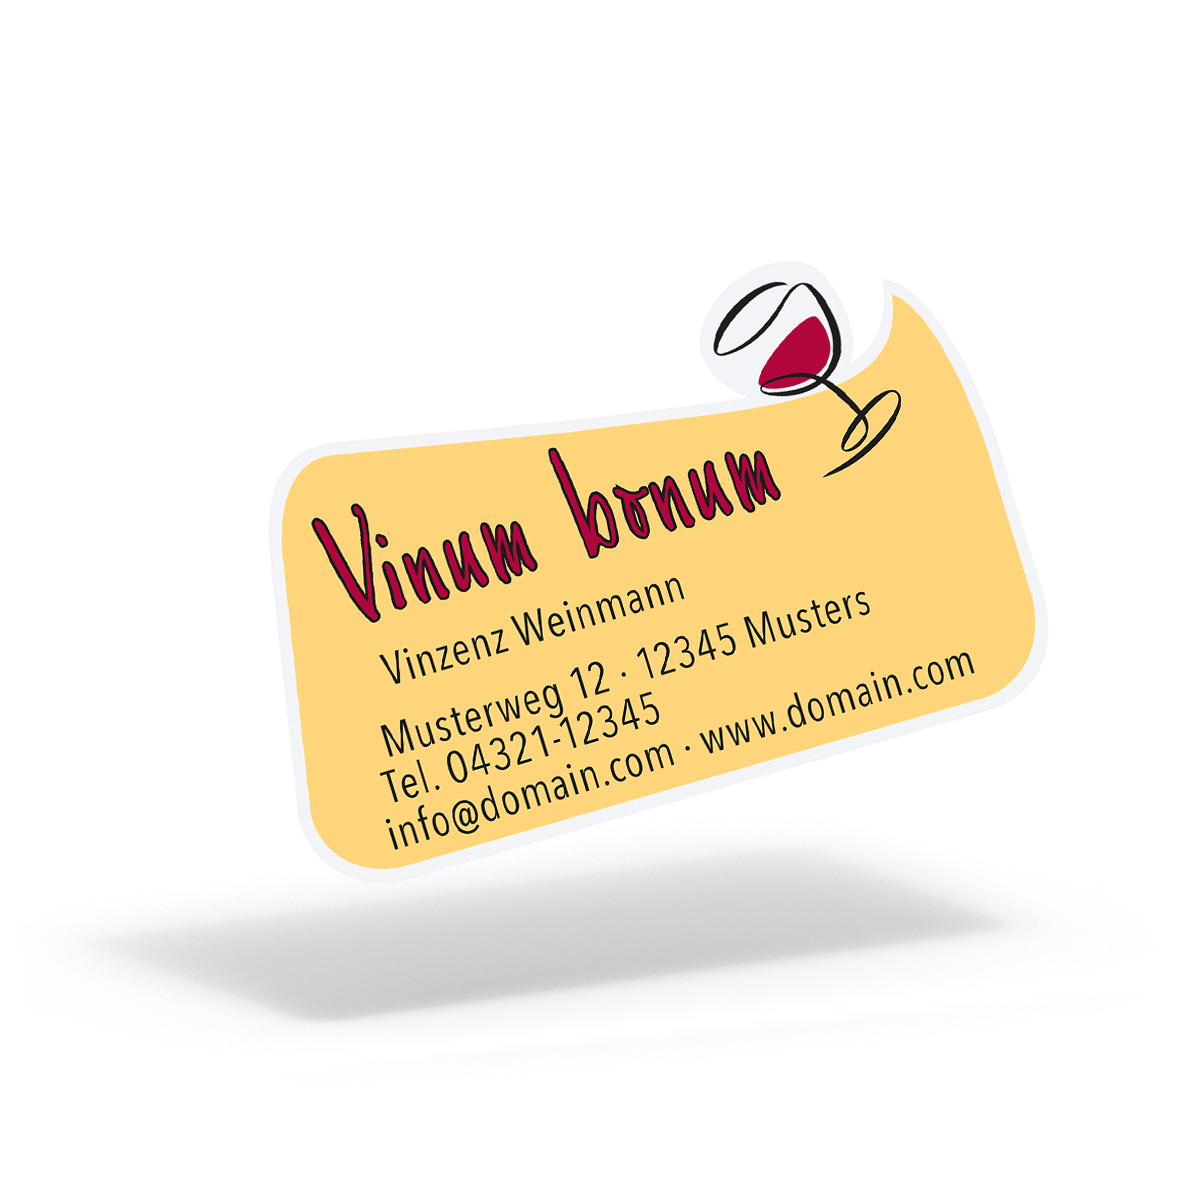 Pythagoras Marketing Gmbh Folien Aufkleber Etiketten Rechteckige Blase Vino Geschenkgutscheine Visitenkarten Kundenkarten Und Weitere